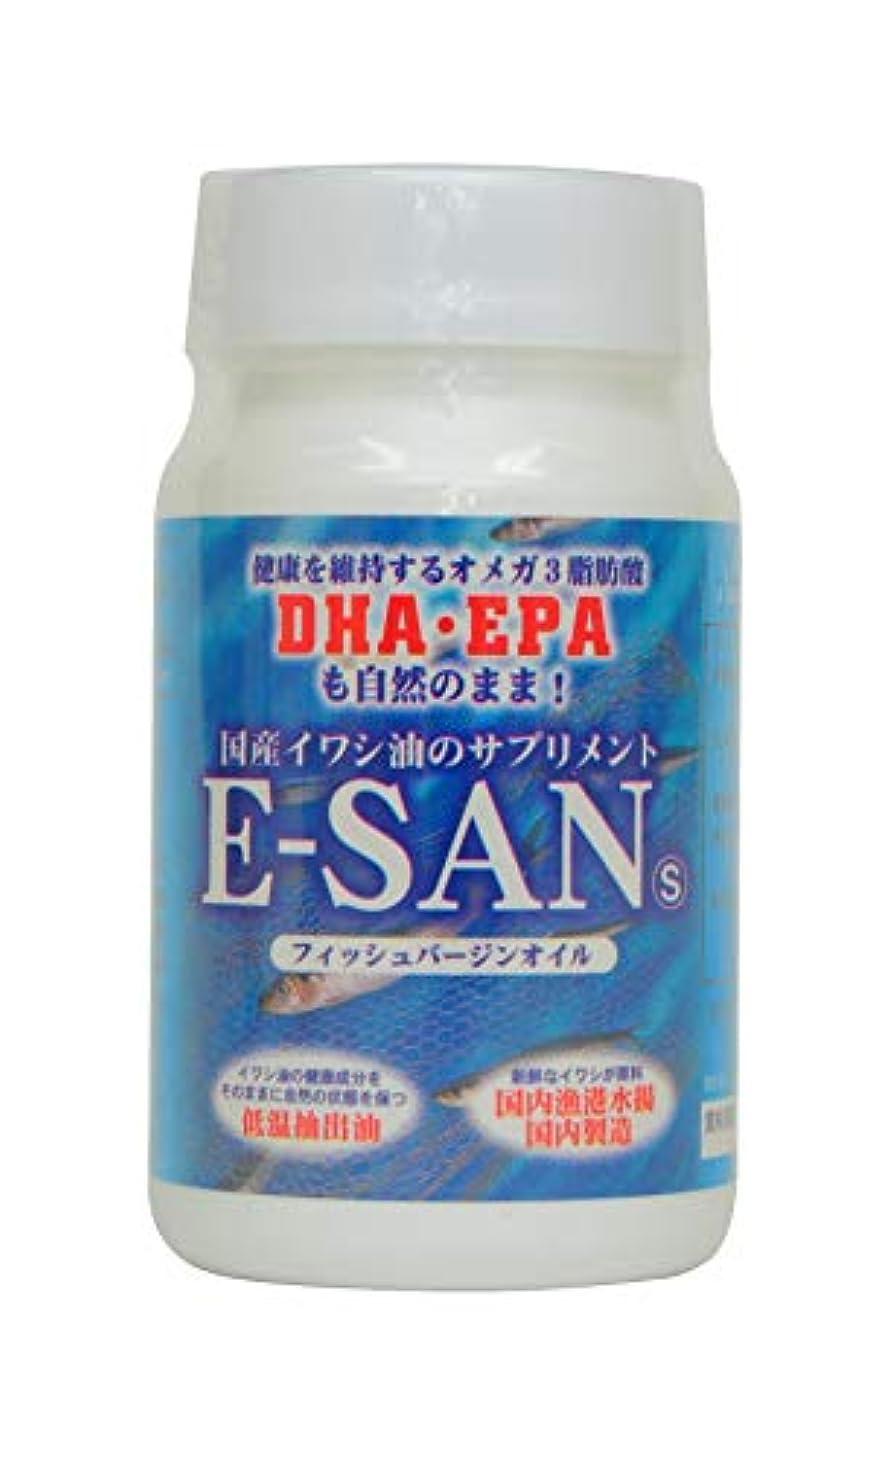 ドット乞食宝E-SAN イーサン 150粒 国産 イワシ油 EPA DHA オメガ3脂肪酸 サプリメント